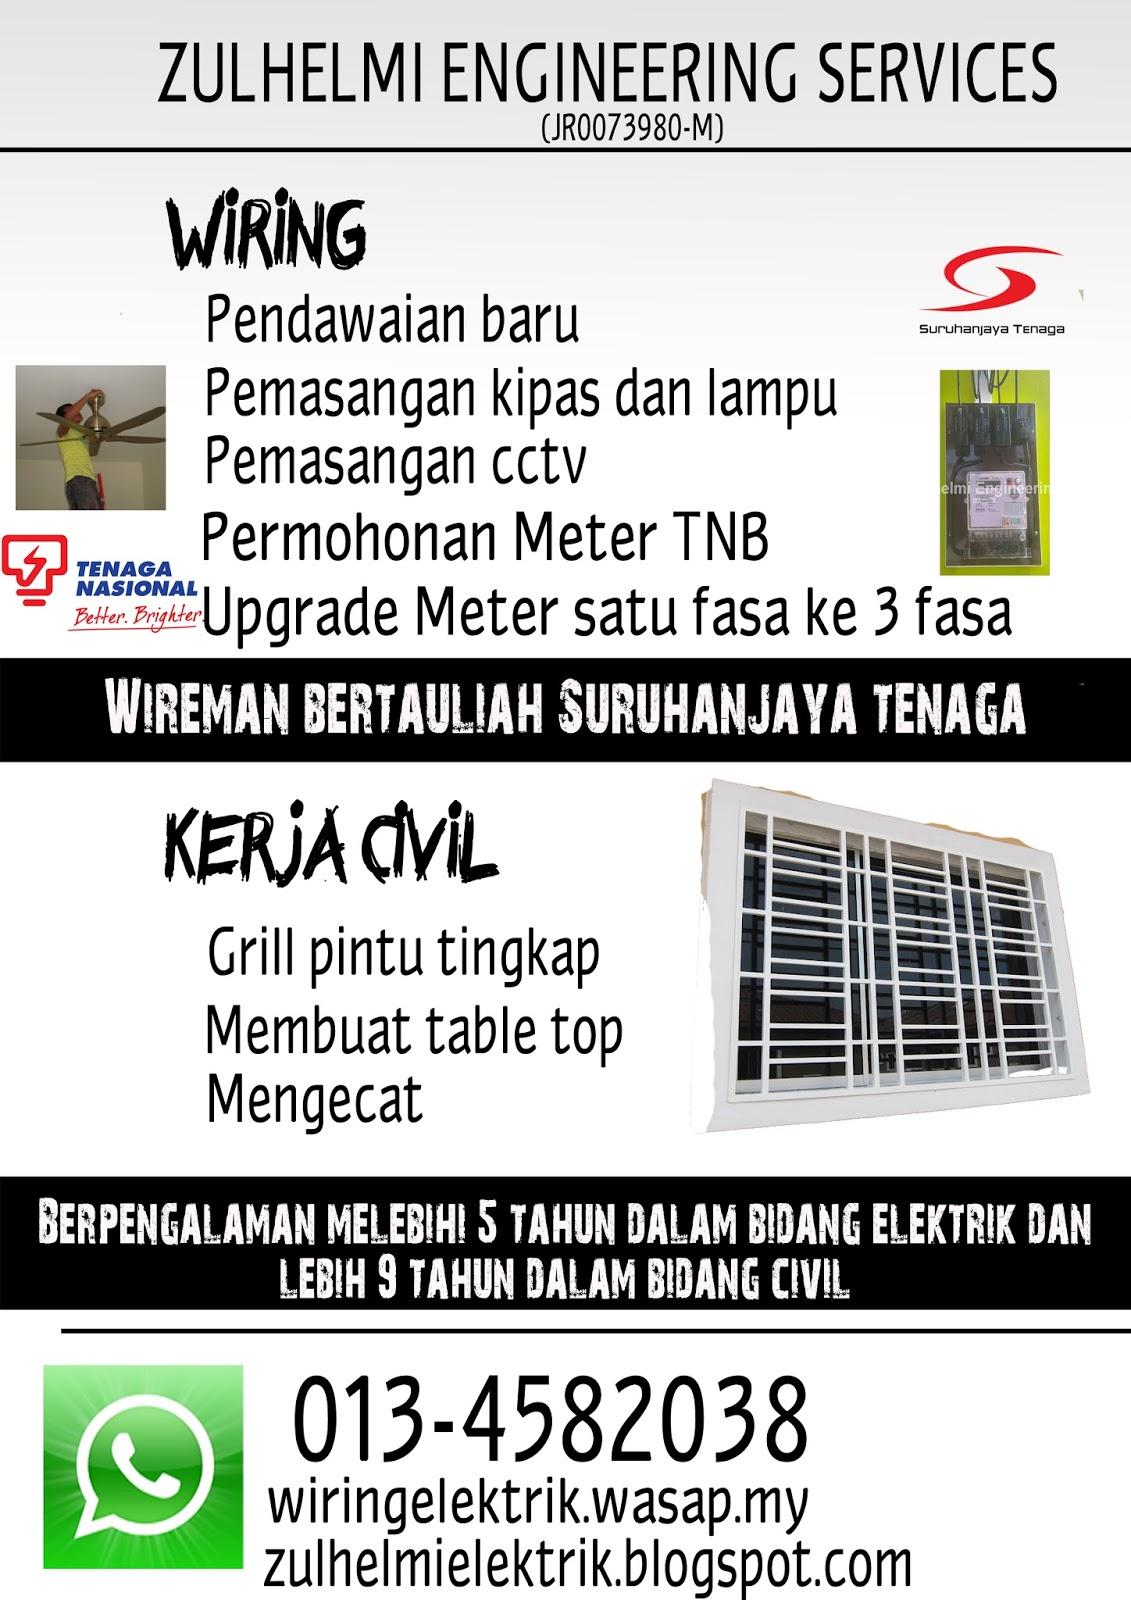 Upah Wiring Lampu Downlight Wire Data Schema Fibreopticdiagrampng Sebut Harga Pendawaian Elektrik 1 Fasa Dan 3 2018 Johor Rh Zulhelmielektrik Blogspot Com Product Socket Dudukan Led